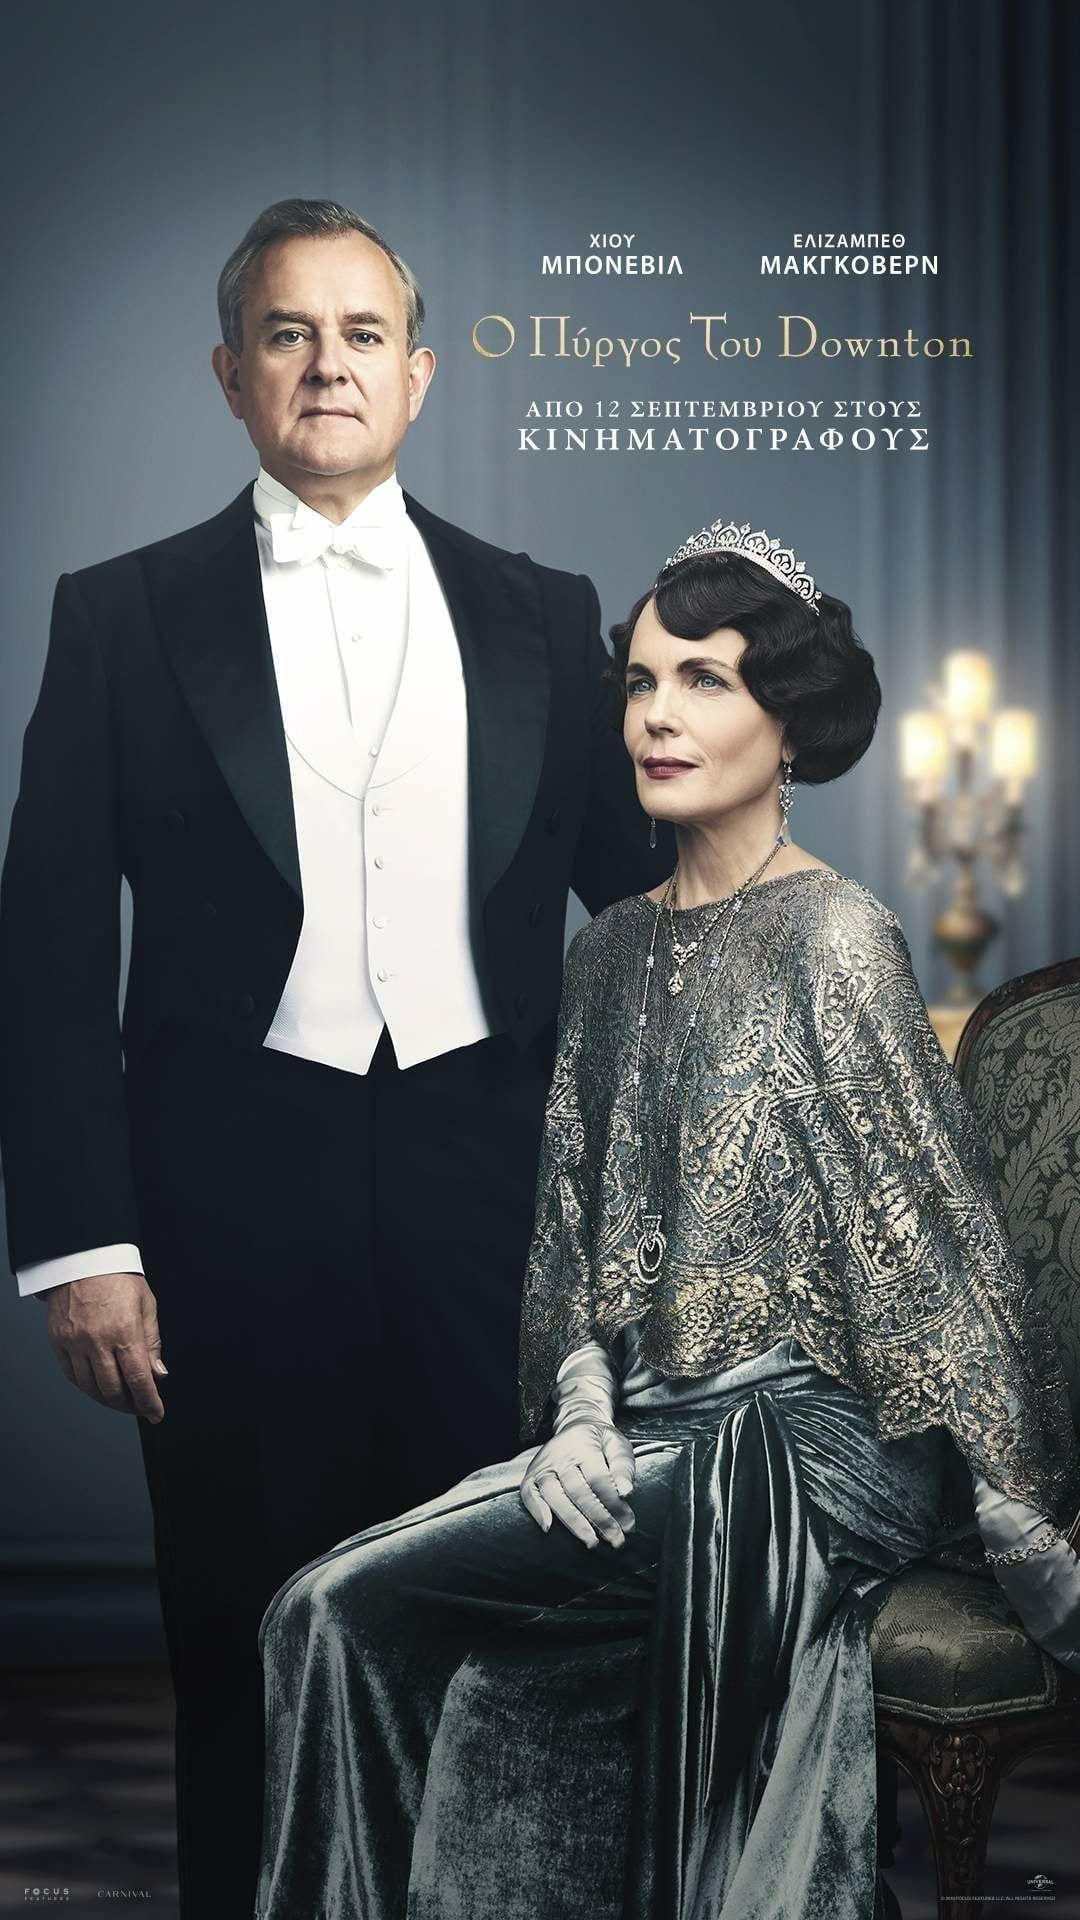 Downton Abbey filme completo e dublado Downton abbey